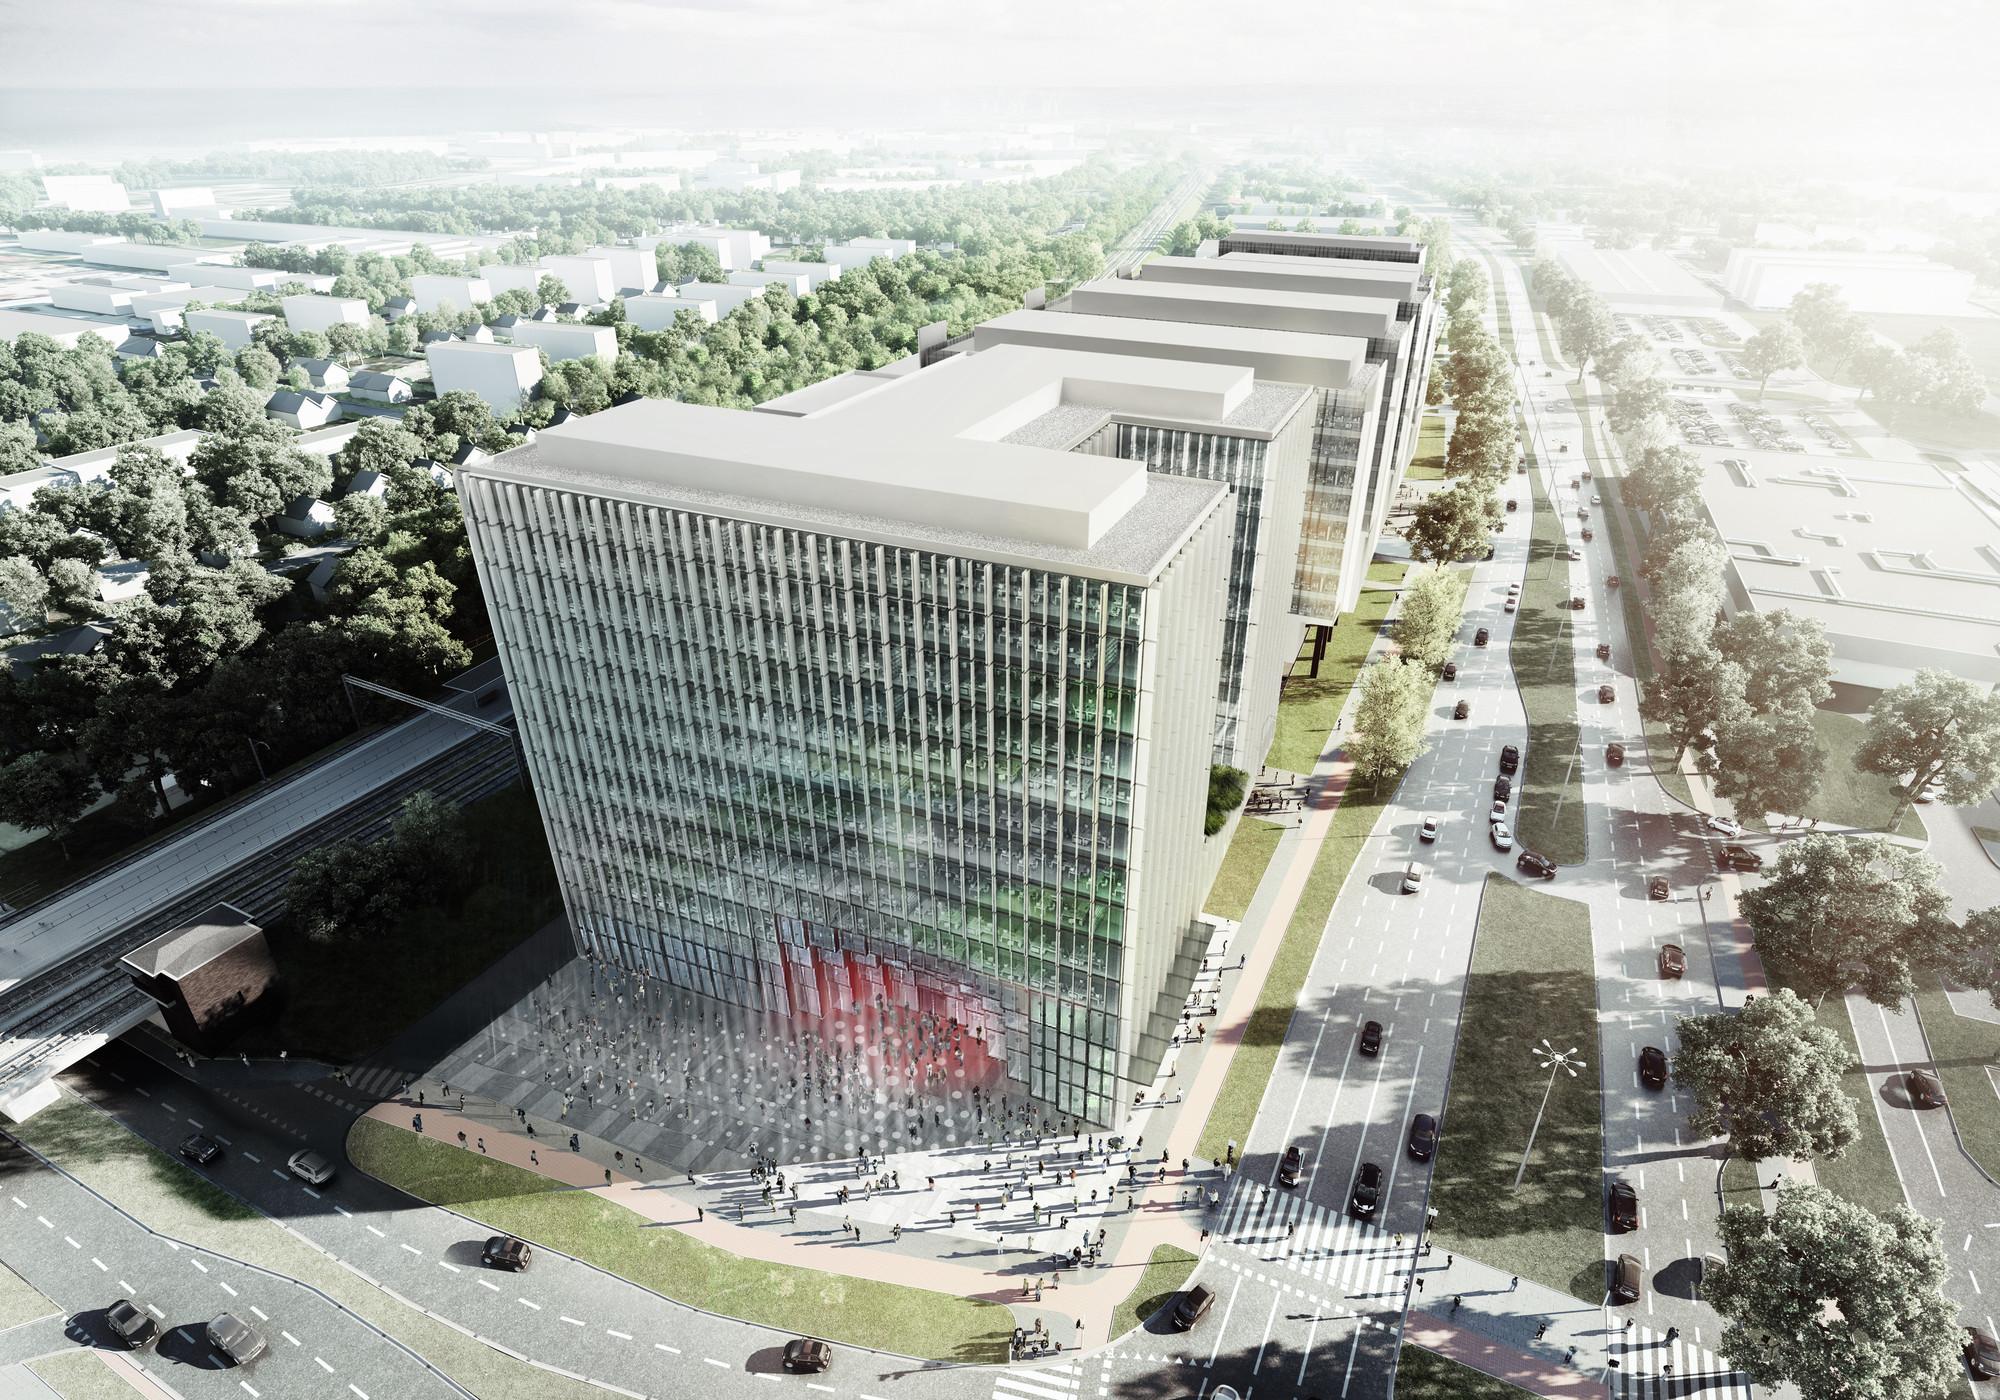 KAMJZ and Kurylowicz Designs Polish Office Building, Courtesy of KAMJZ + Kuryłowicz & Associates